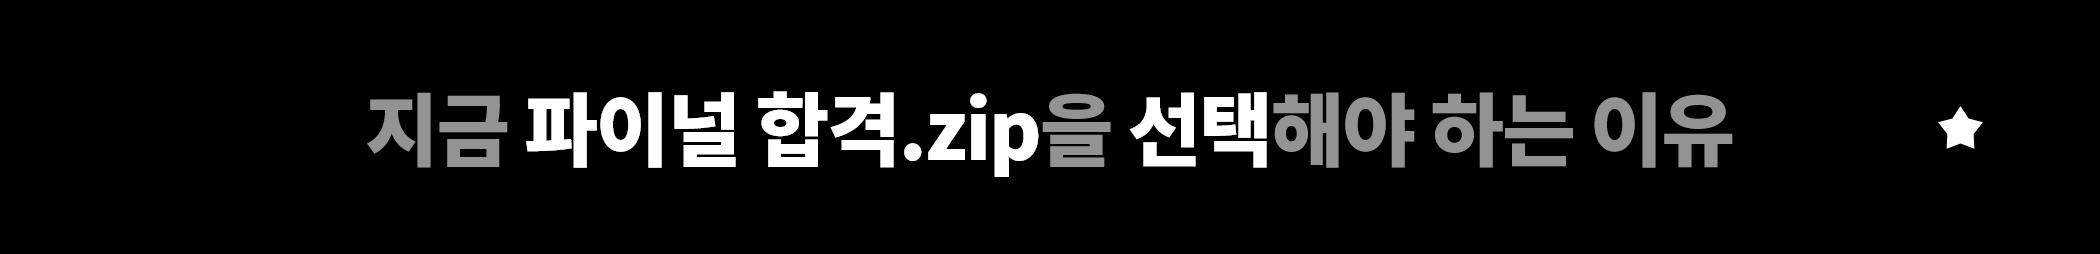 지금 파이널 합격.zip을 선택해야 하는 이유